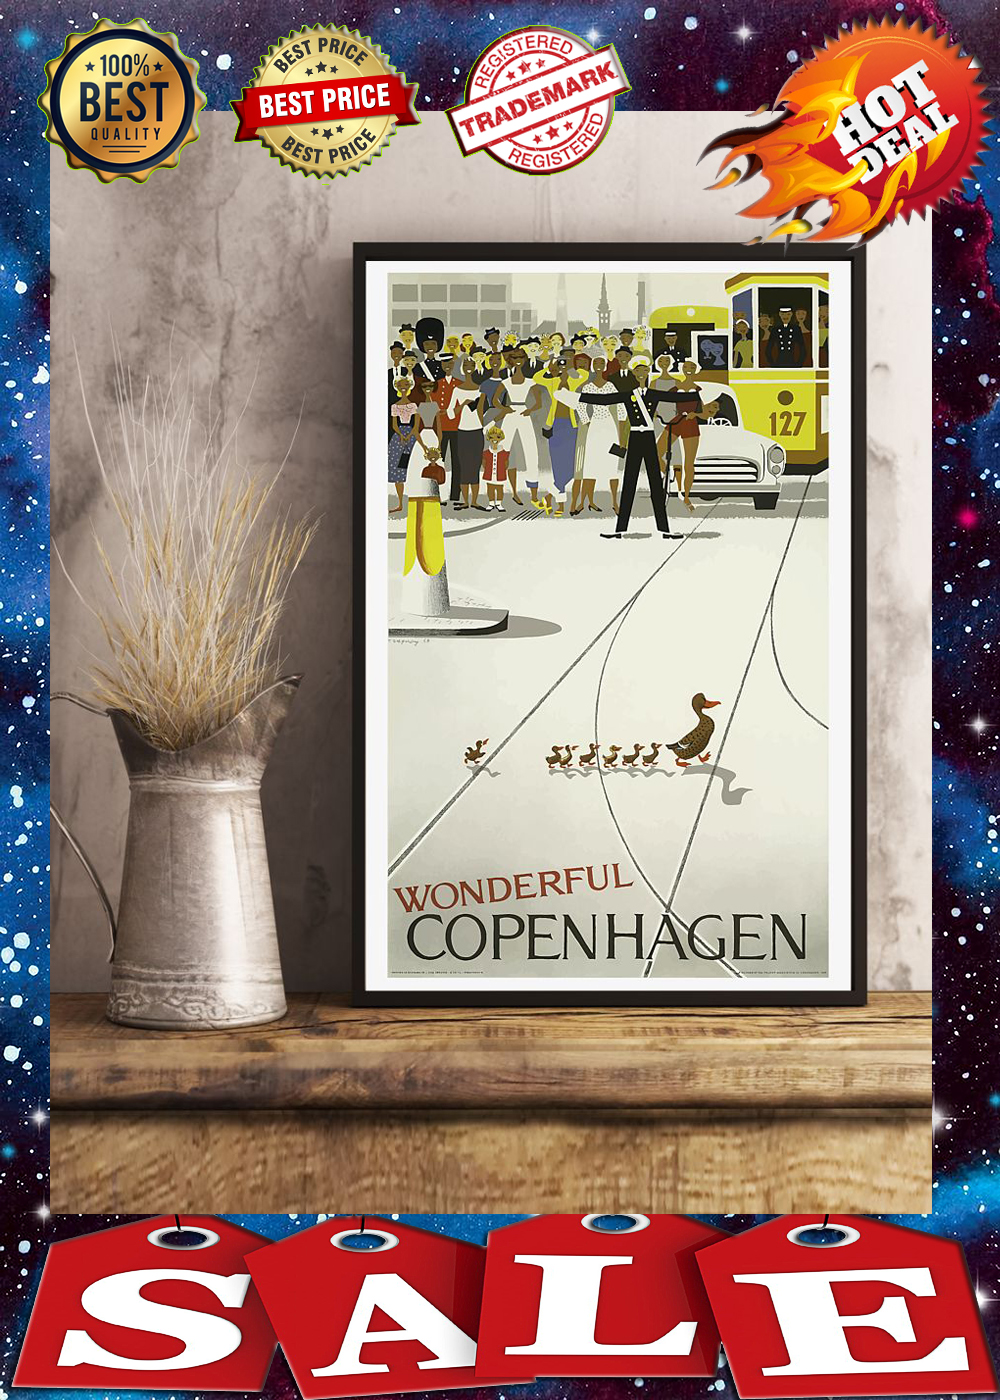 Van halencopenhagen vintage travel poster 1